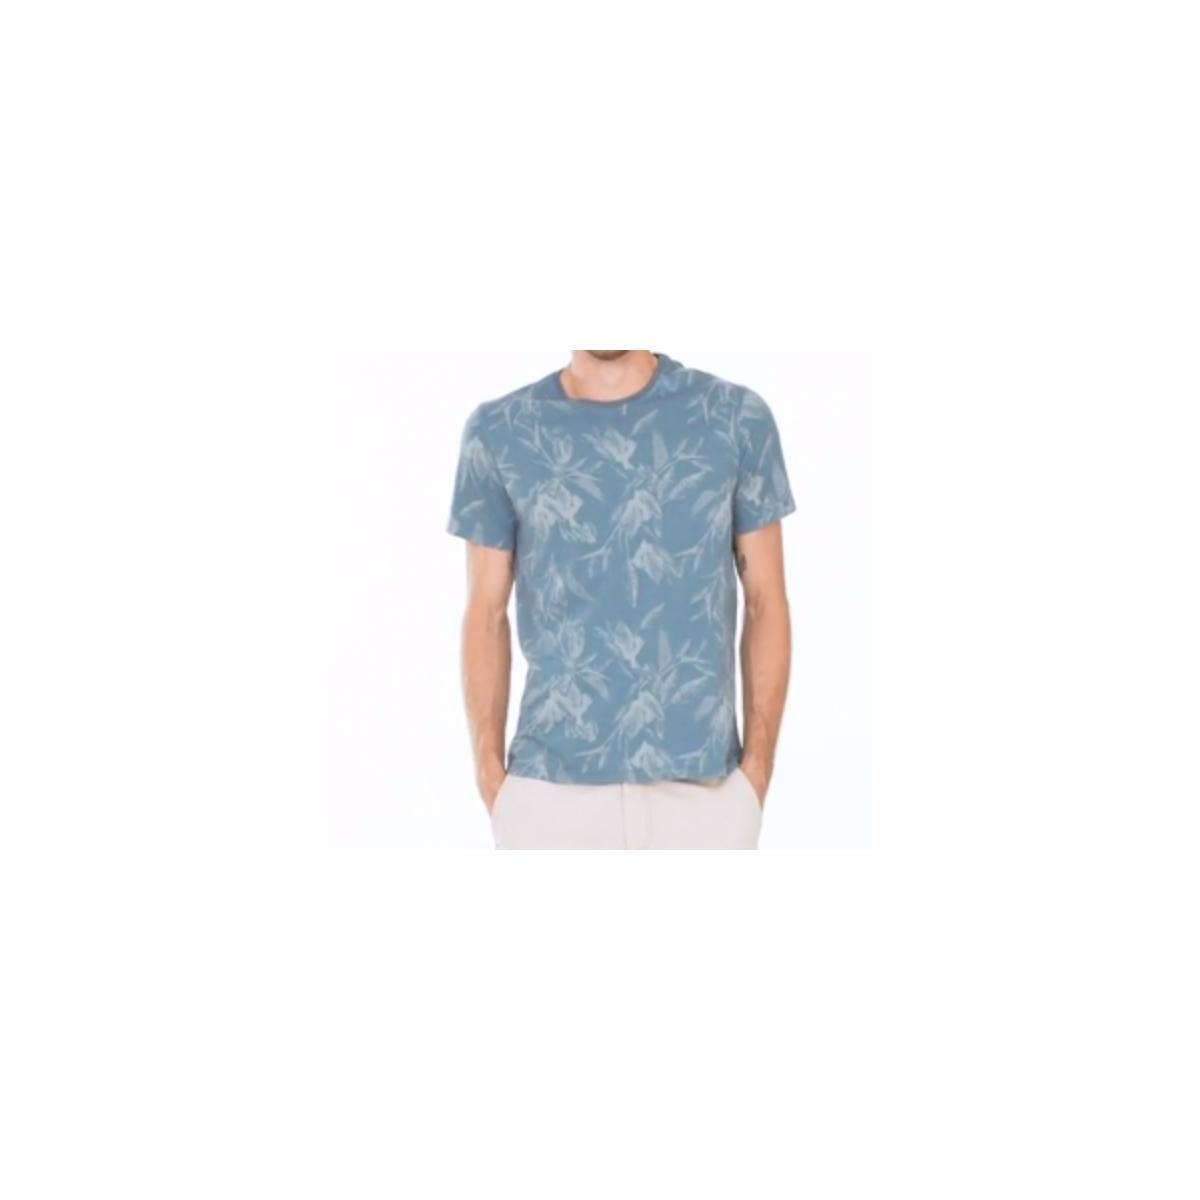 Camiseta Masculina Hering 4efk 3hen Azul